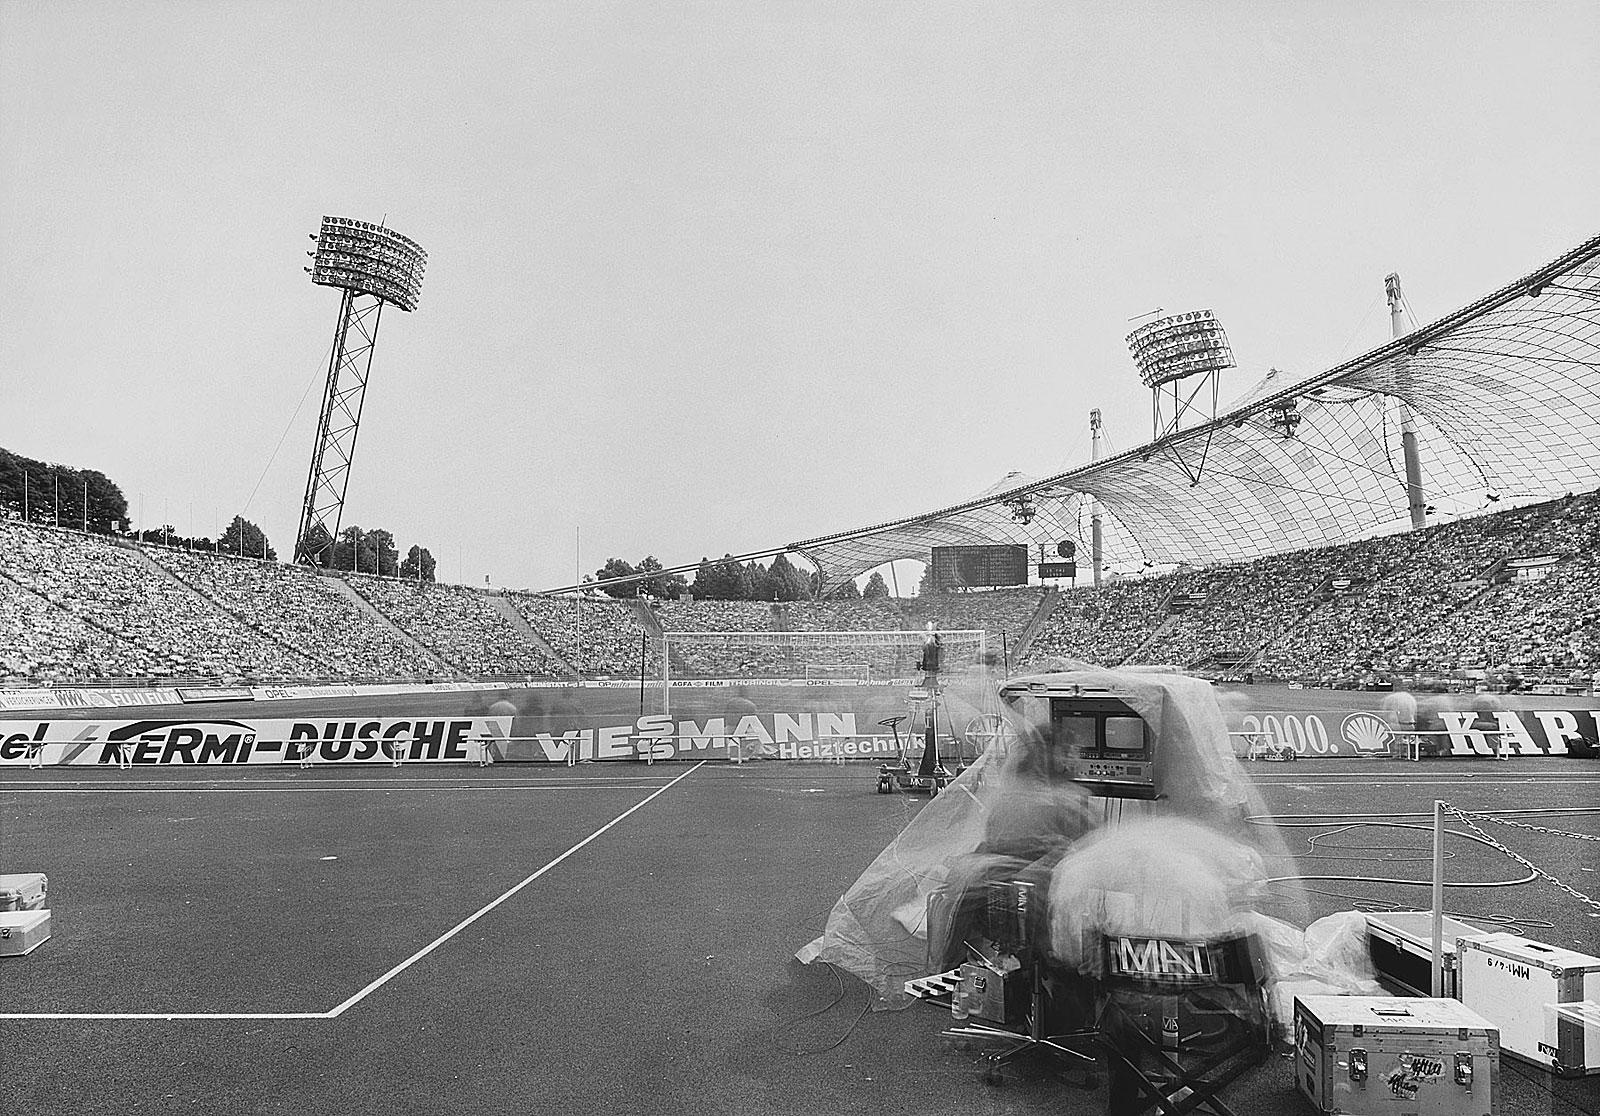 Bayern München - Bayer Leverkusen, Olympiastadion München (15.30 - 17.20 Uhr, 15.5.1993)